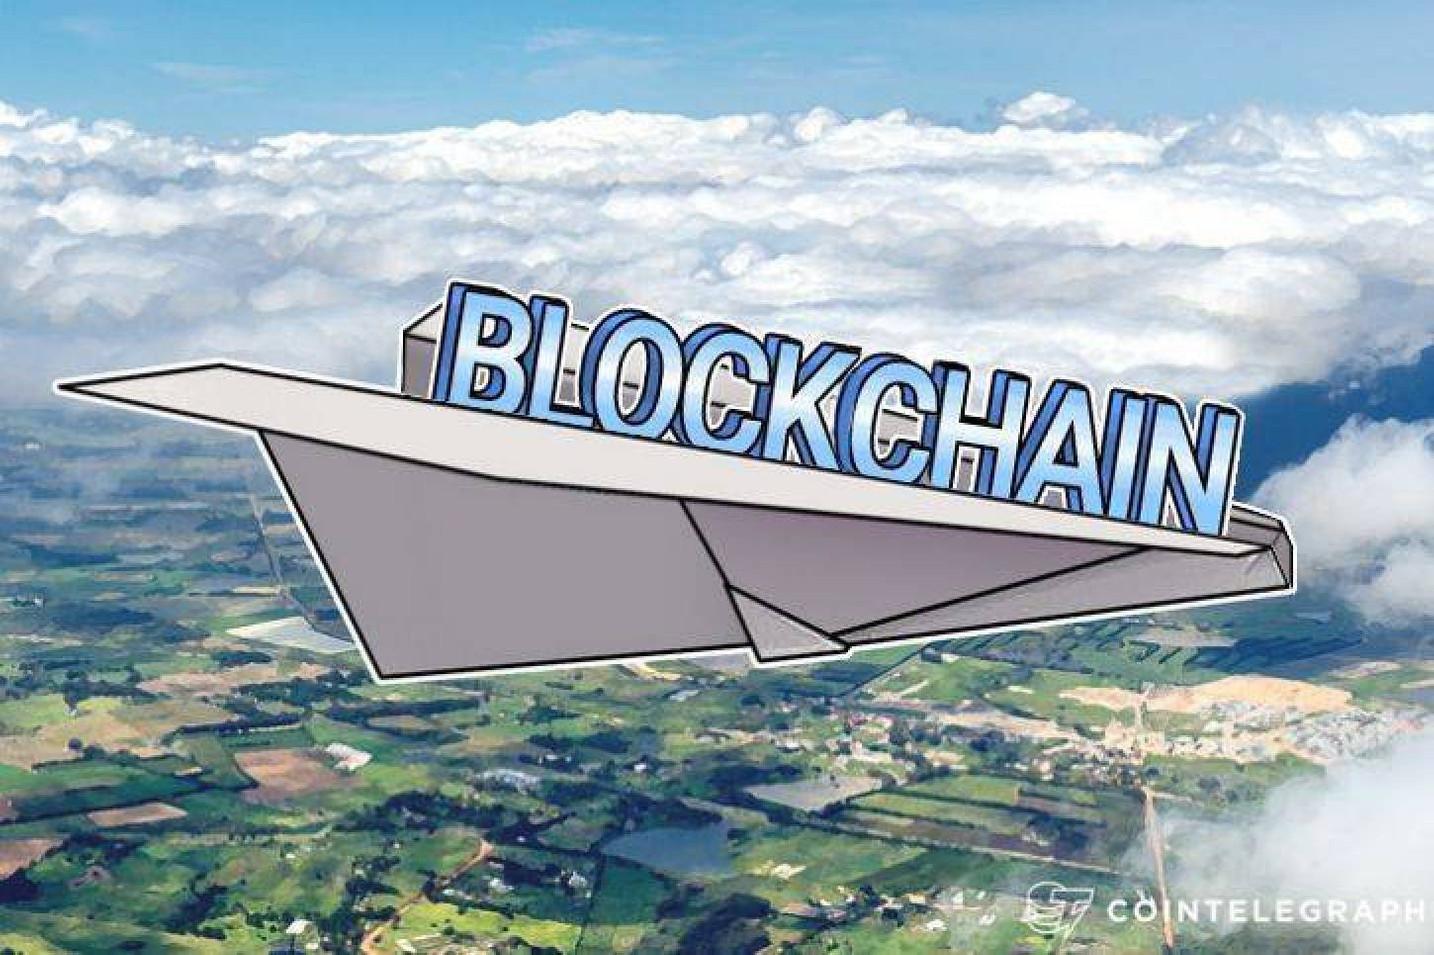 インドネシアの大手財閥リッポーグループ、ブロックチェーンの研究機関設立【アラート】